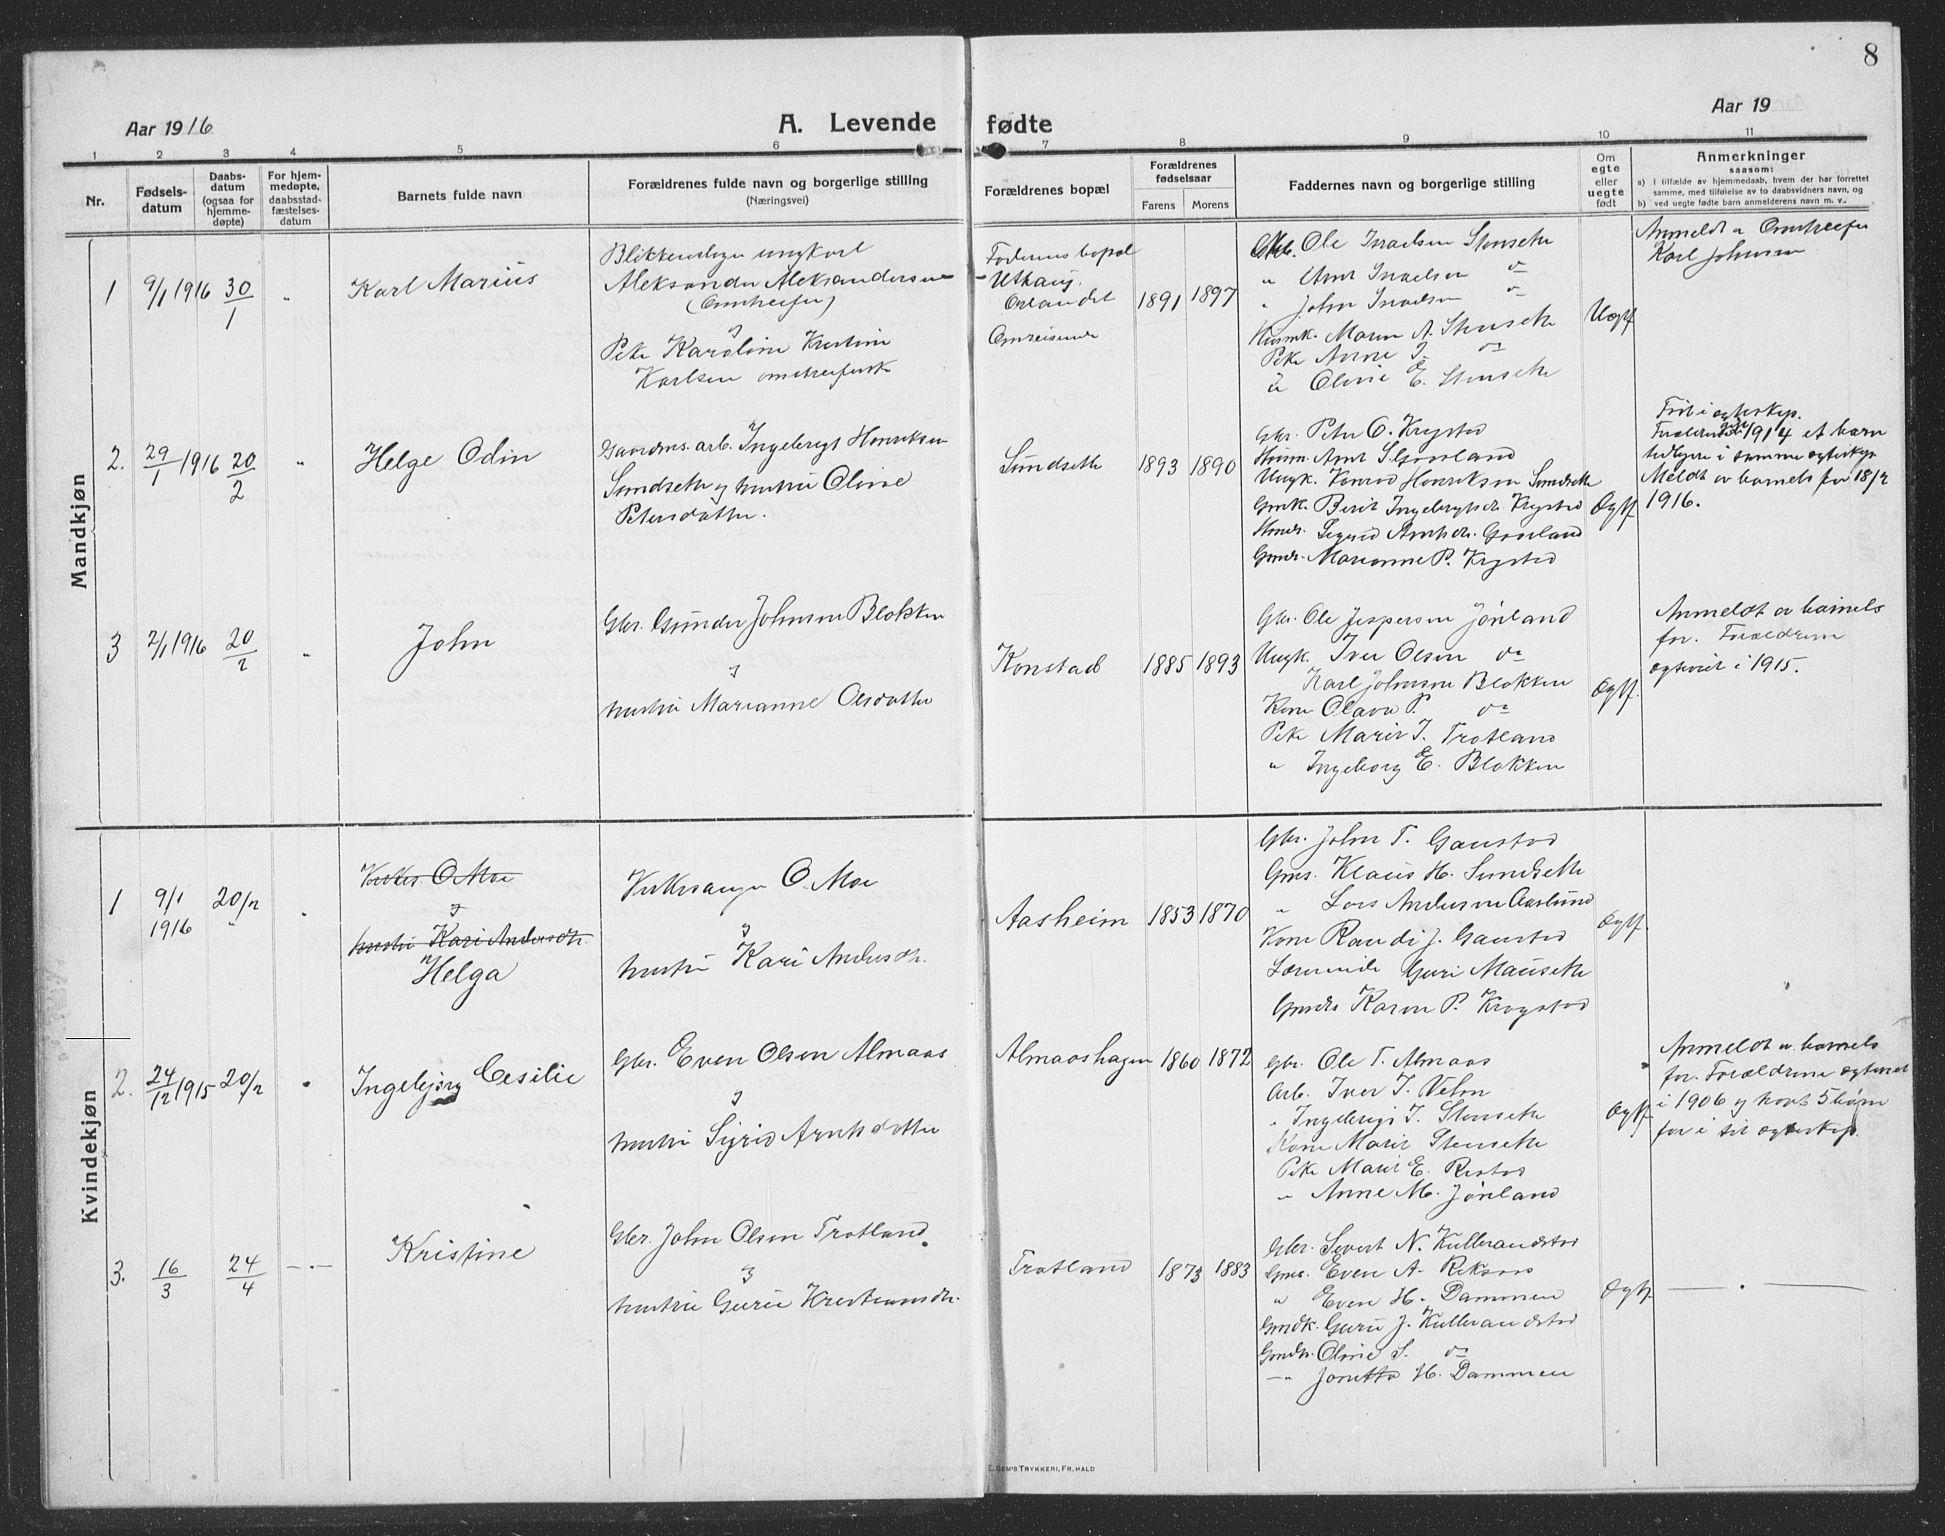 SAT, Ministerialprotokoller, klokkerbøker og fødselsregistre - Sør-Trøndelag, 694/L1134: Klokkerbok nr. 694C06, 1915-1937, s. 8